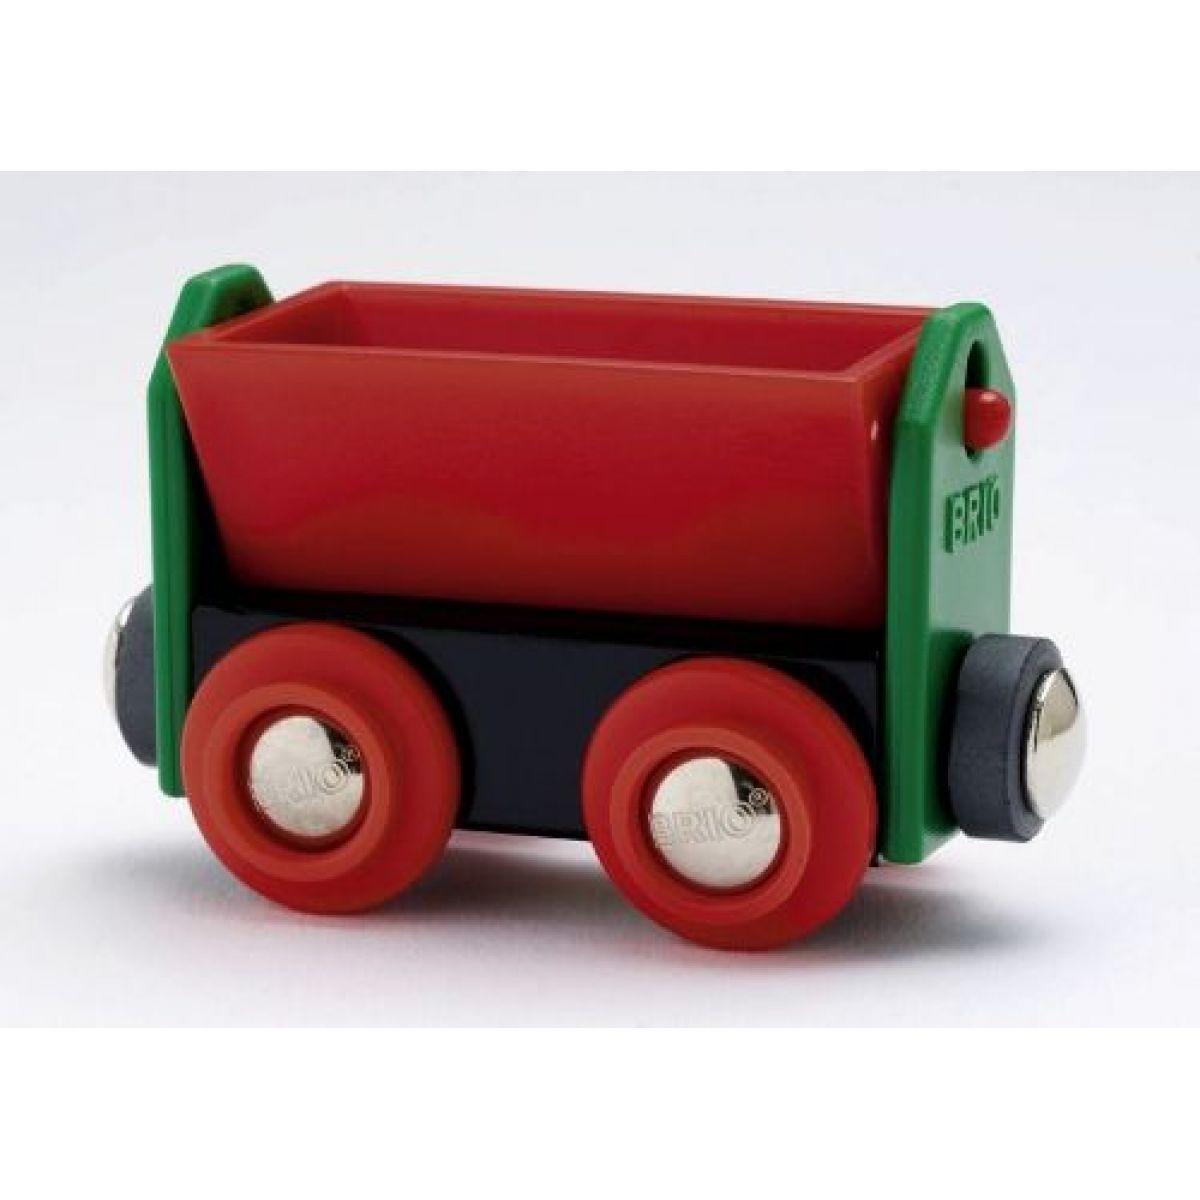 Brio 33614 - Červený vyklápěcí vagon